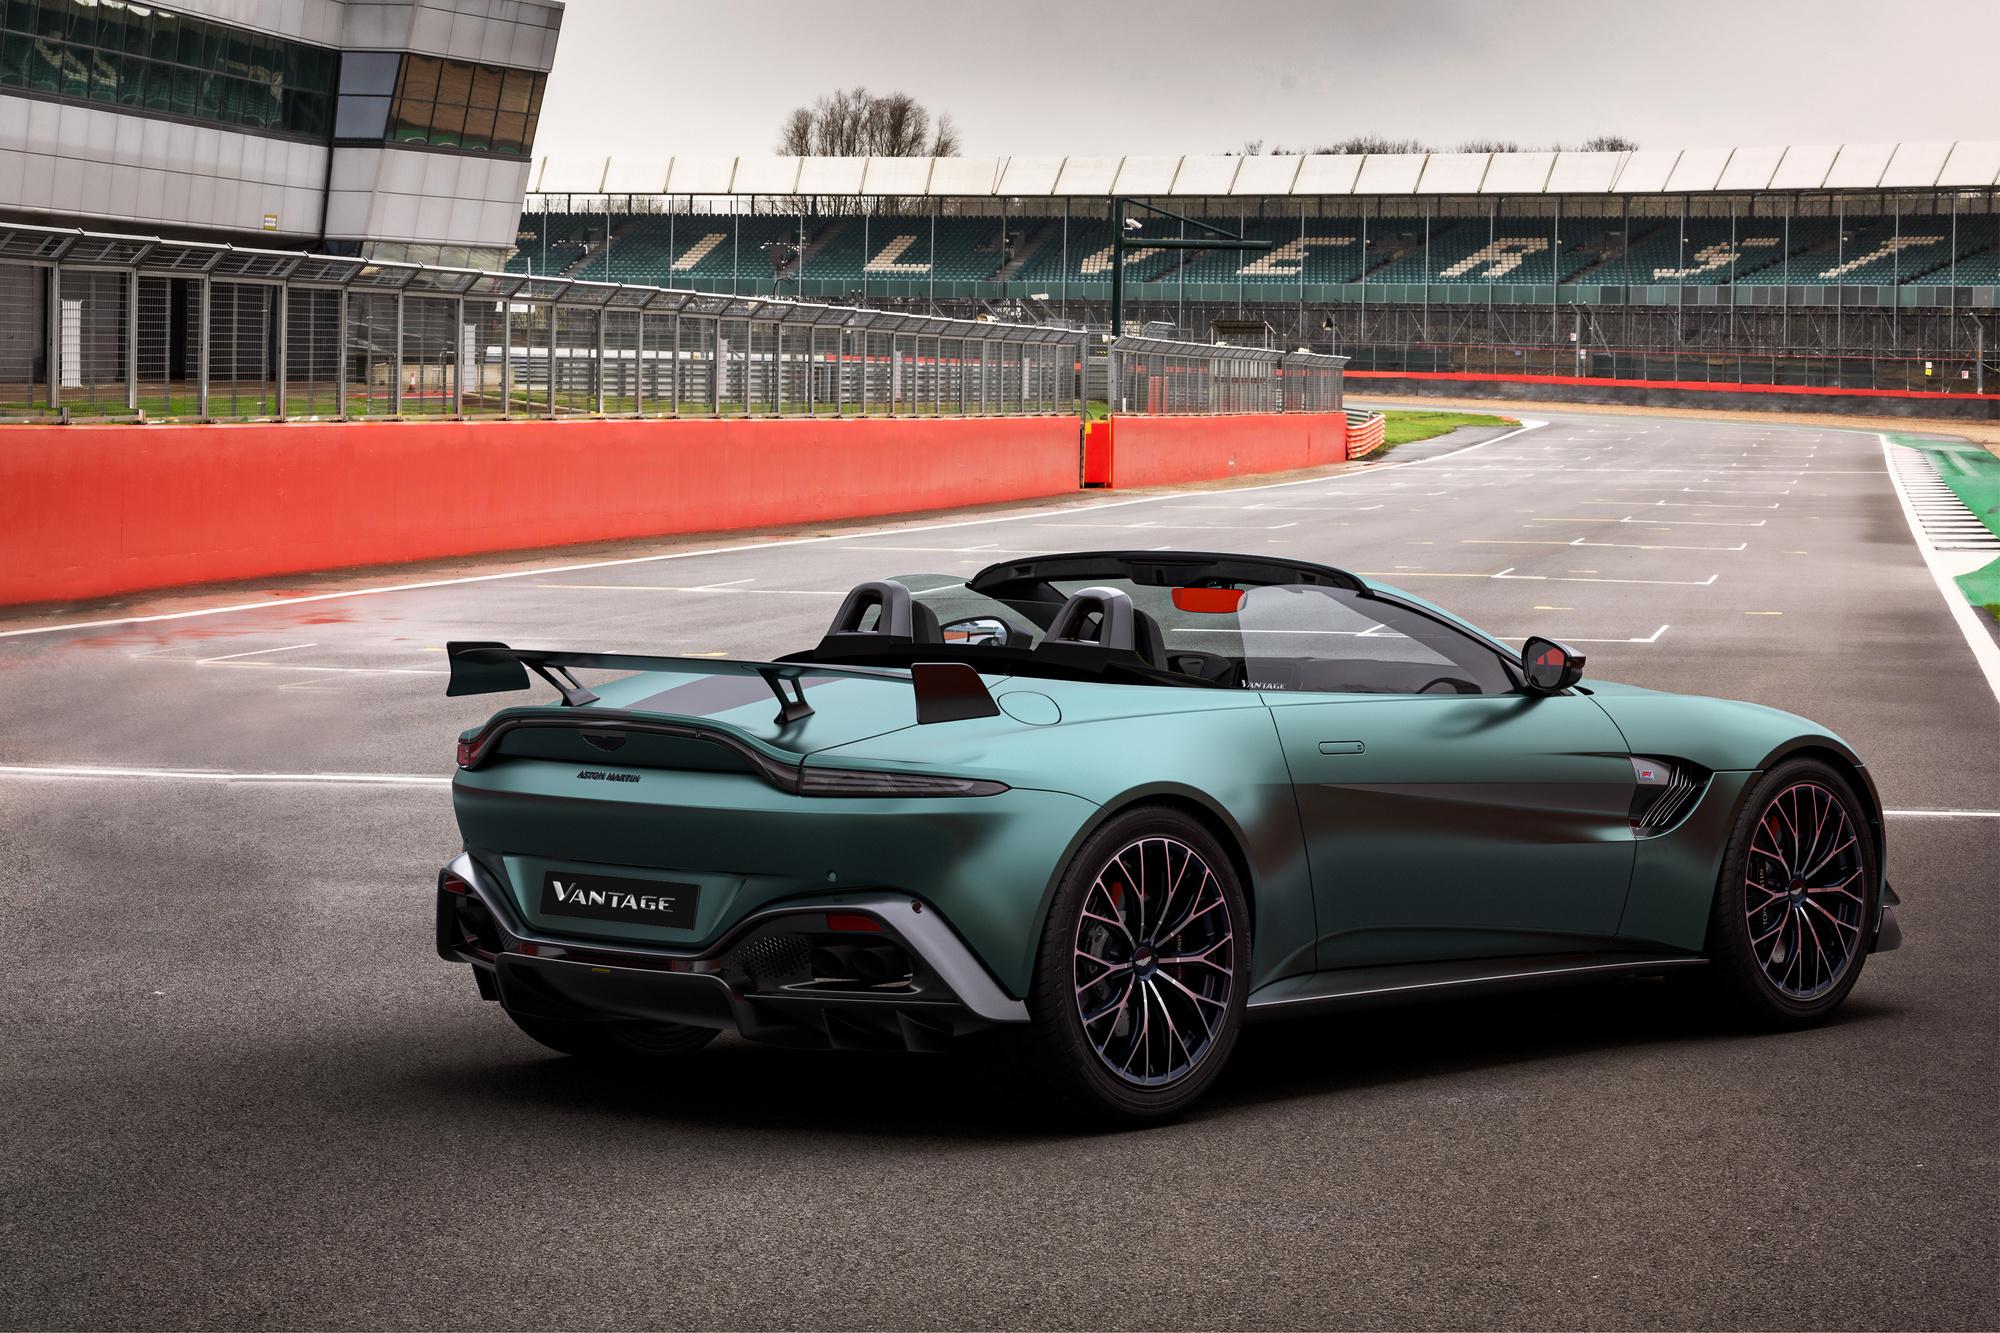 Encore plus exclusive, la version cabriolet de la F1 Edition ajoute les plaisirs de la conduite cheveux au vent., GF